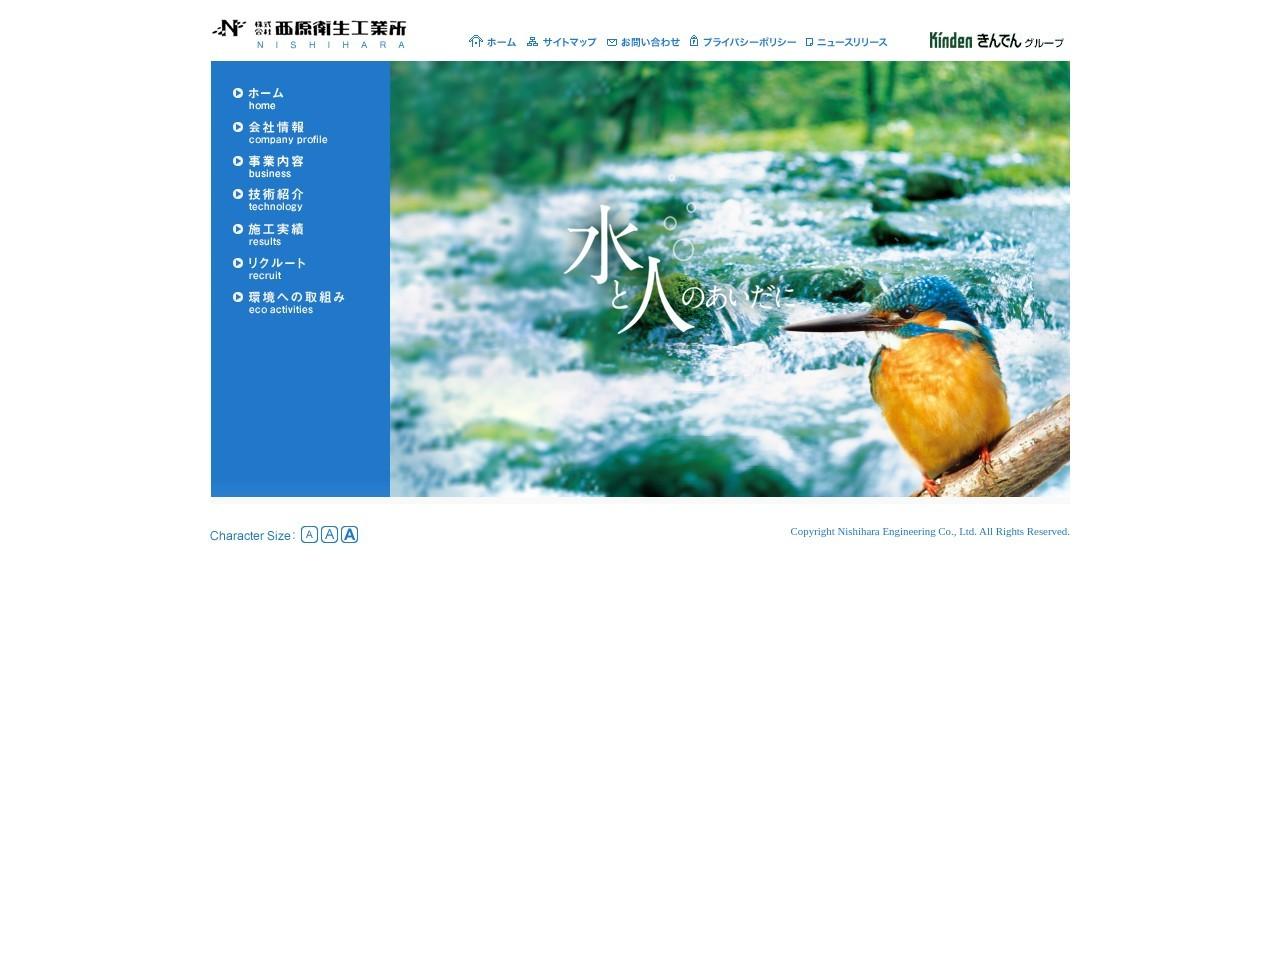 株式会社西原衛生工業所横浜支店